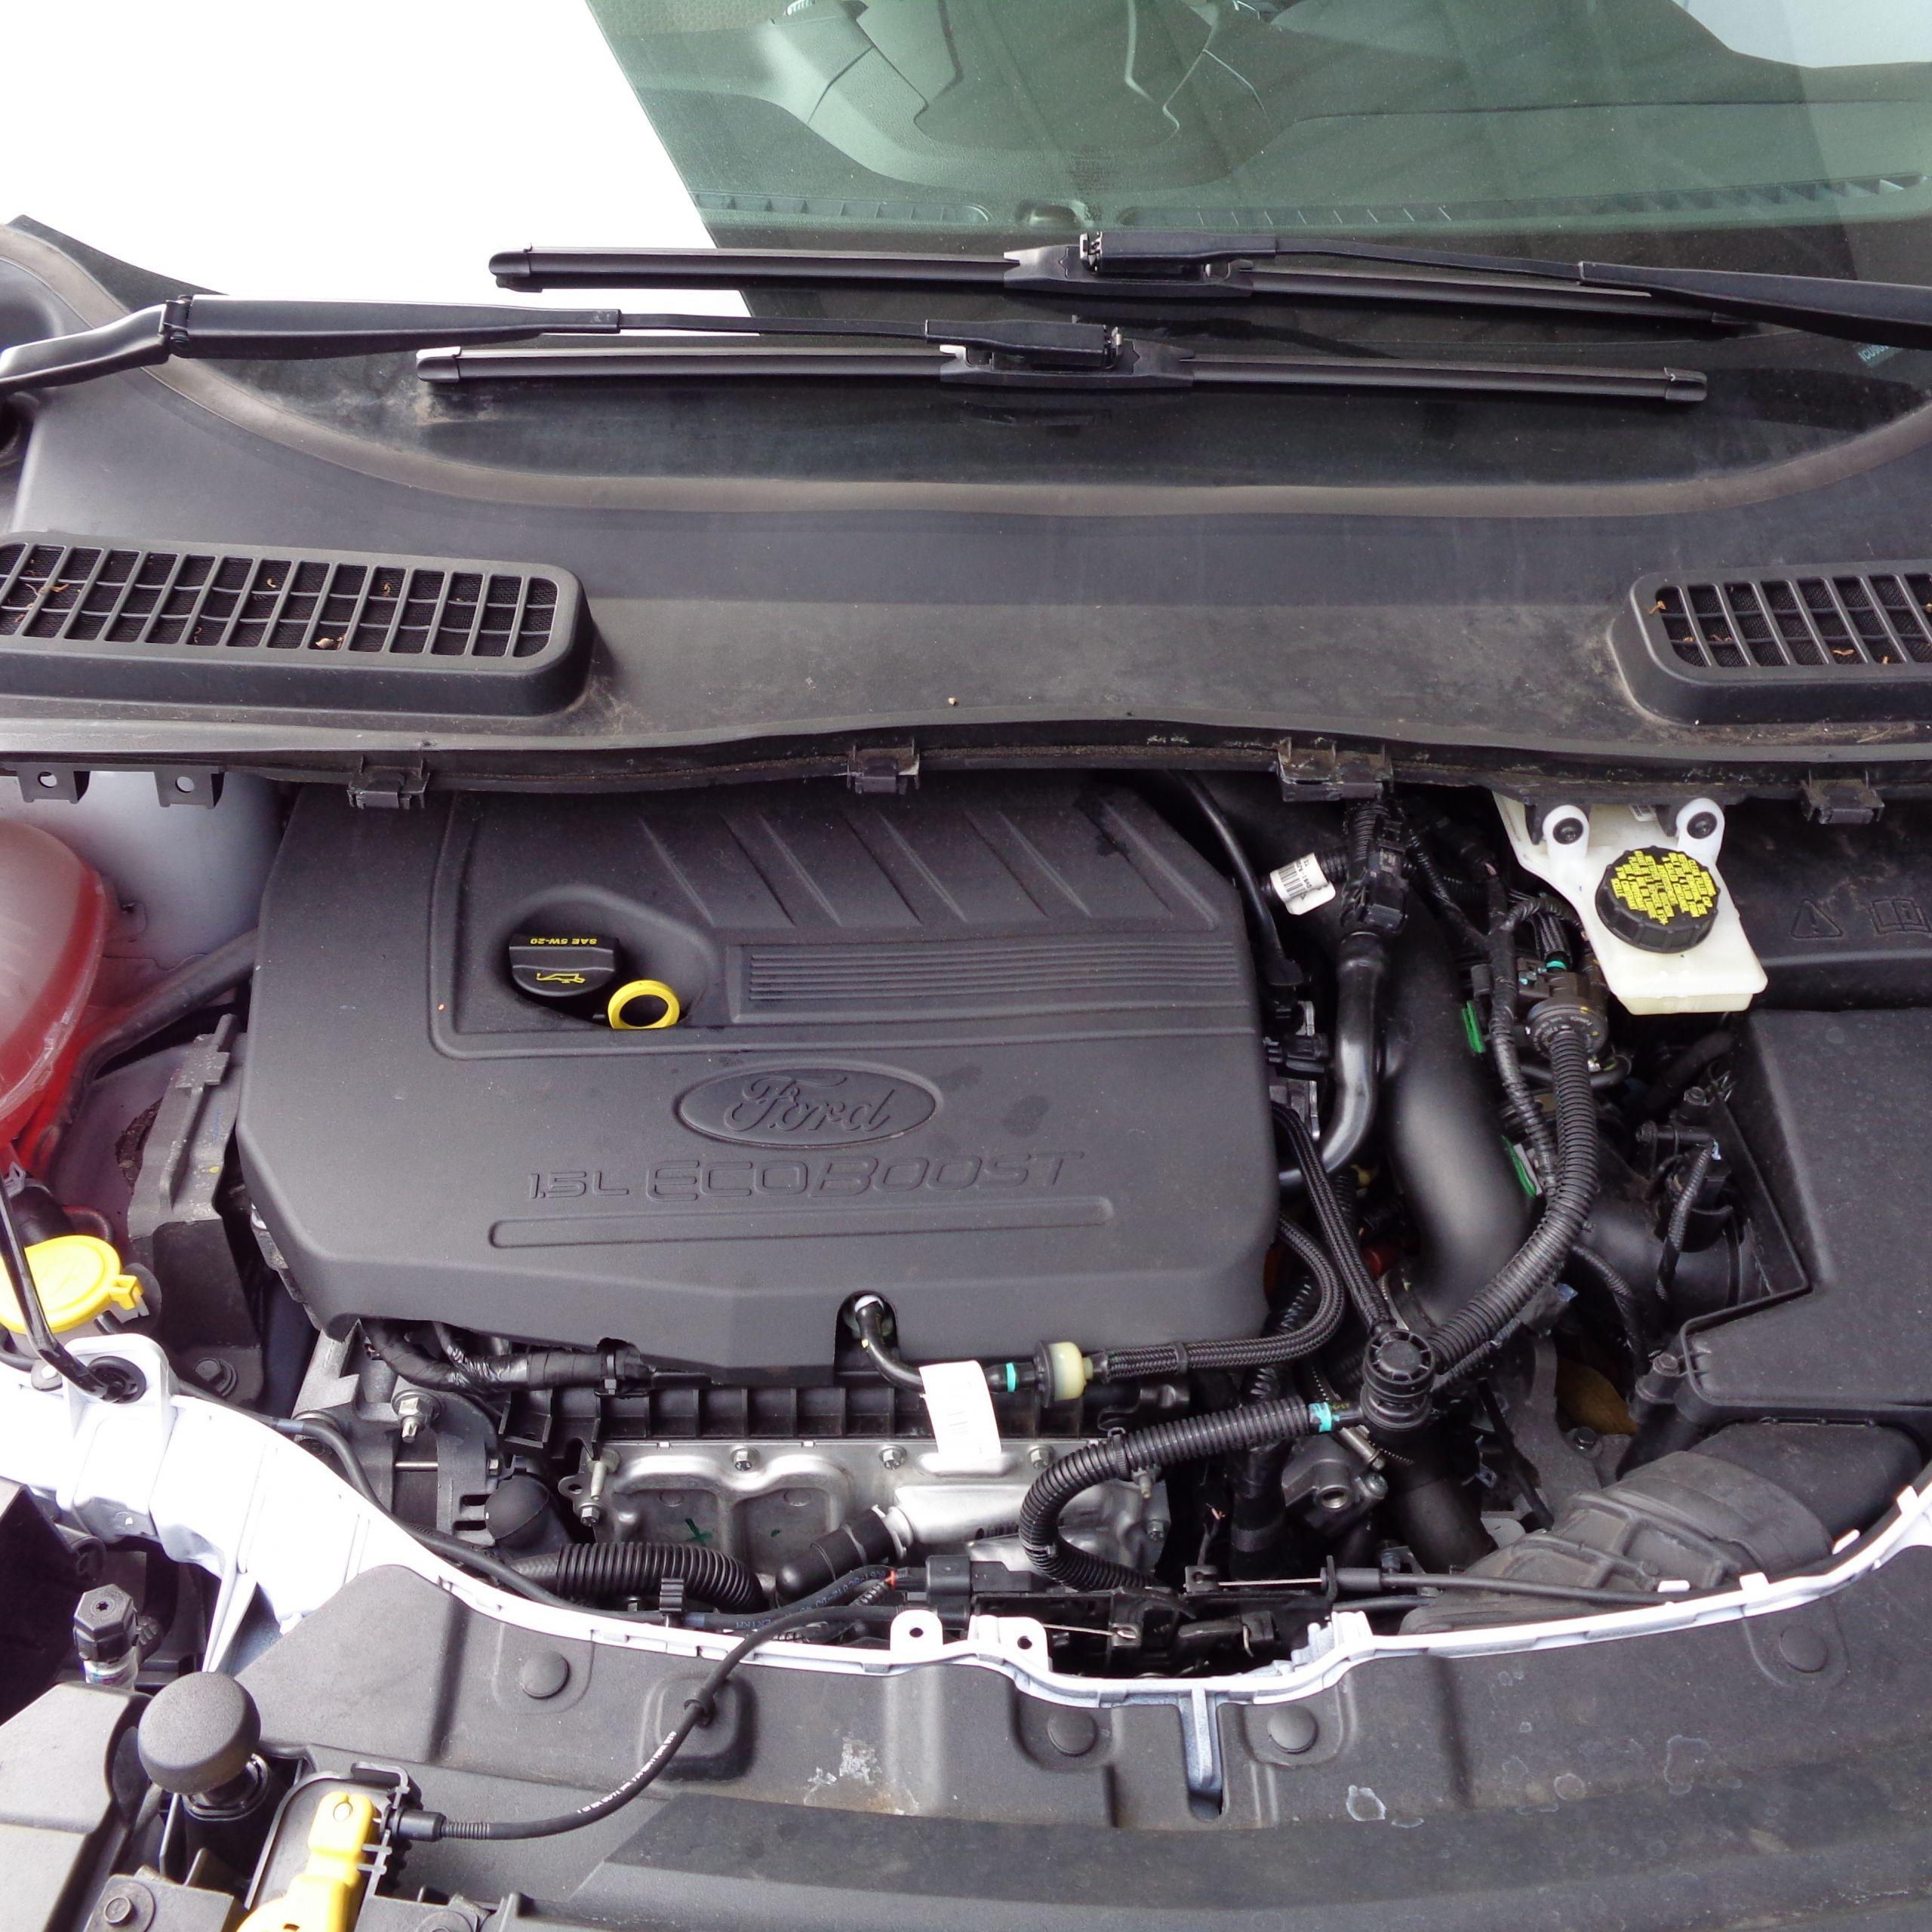 Ford C Max Energi Plug In Hybrid New Used Ford For Sale At Aloha Kia Hilo Aloha Kia Airport Kia Ford Plugs